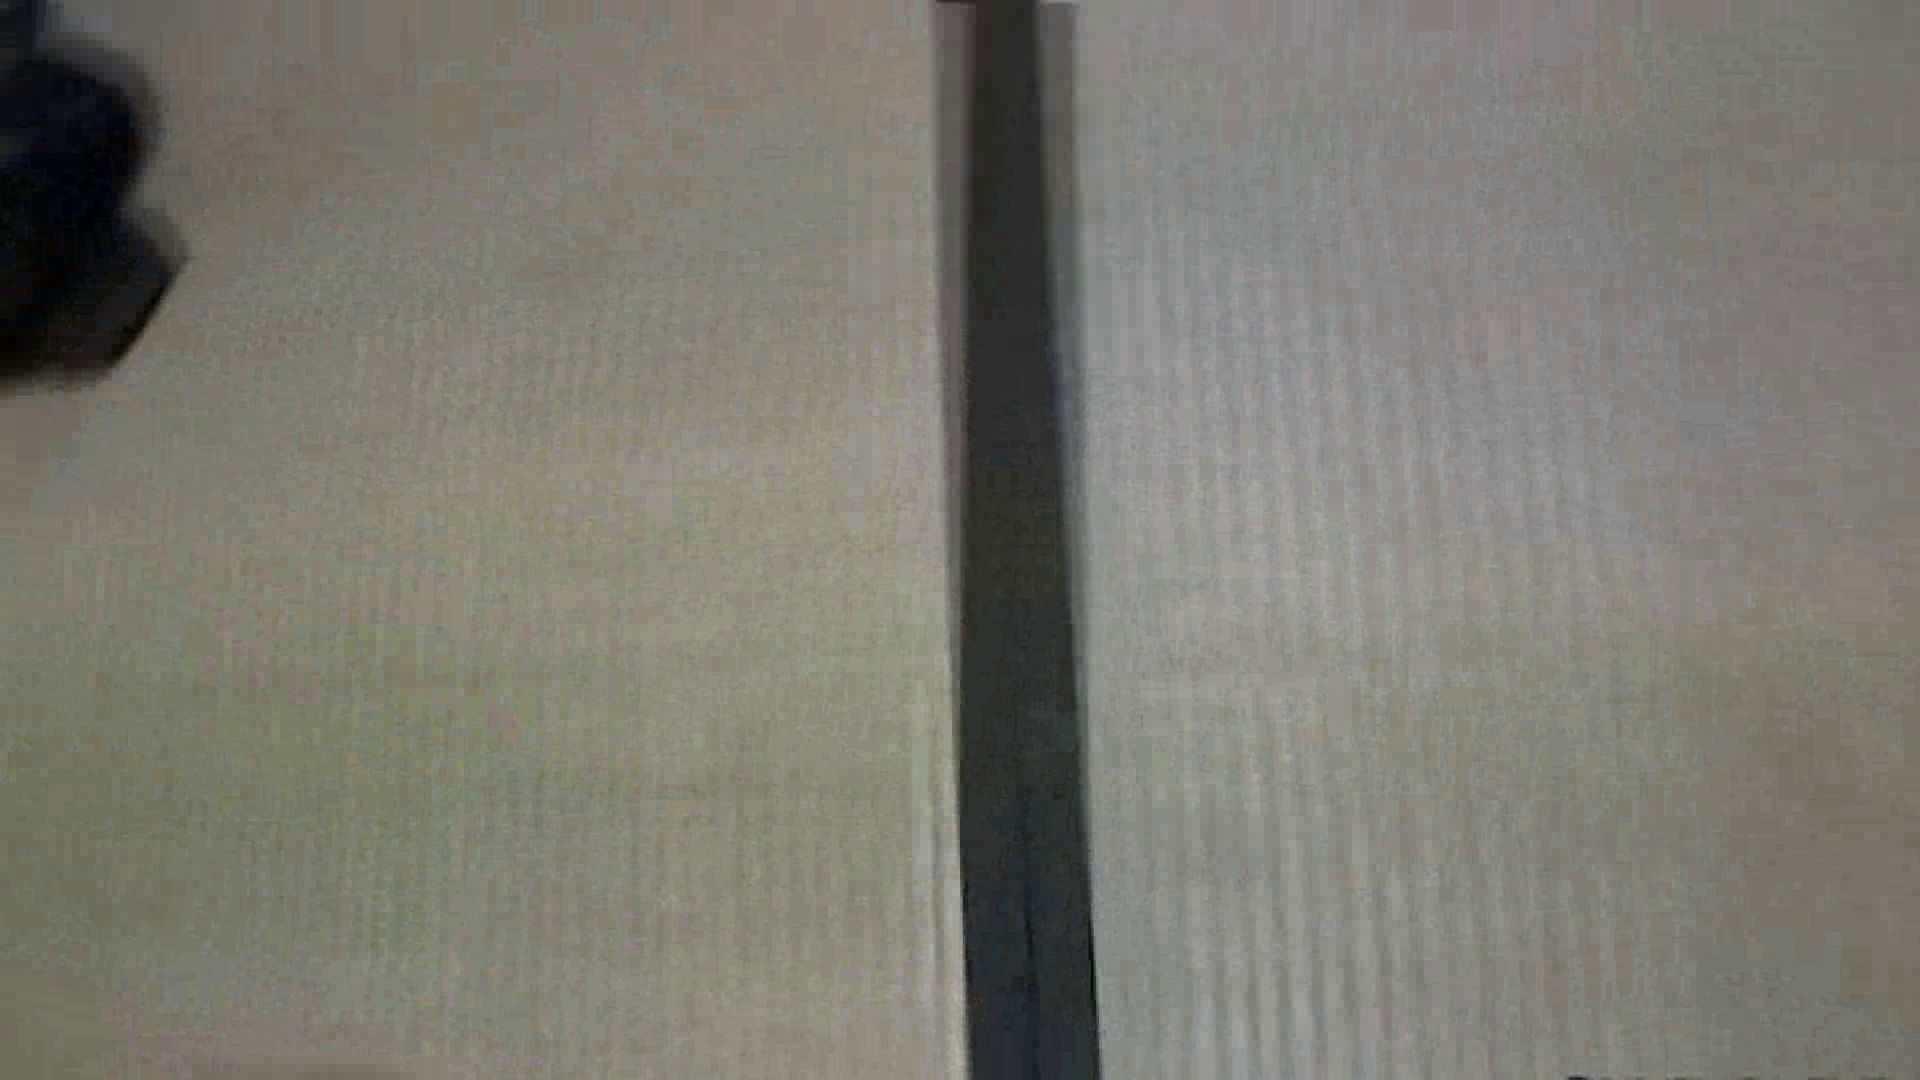 素人S級美女特選!小悪魔ギャル噂のビッチガールVol.51 後編 流出作品  110連発